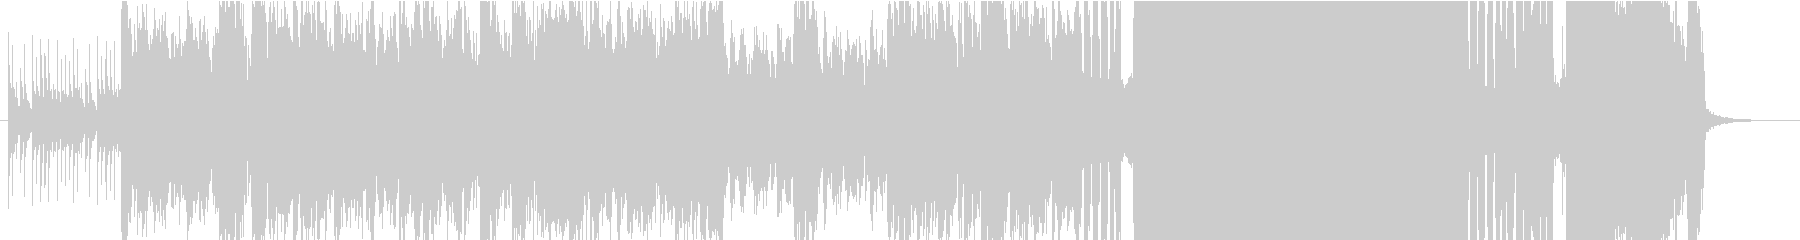 ラスボスバトル/ハードなメタルギターの未再生の波形